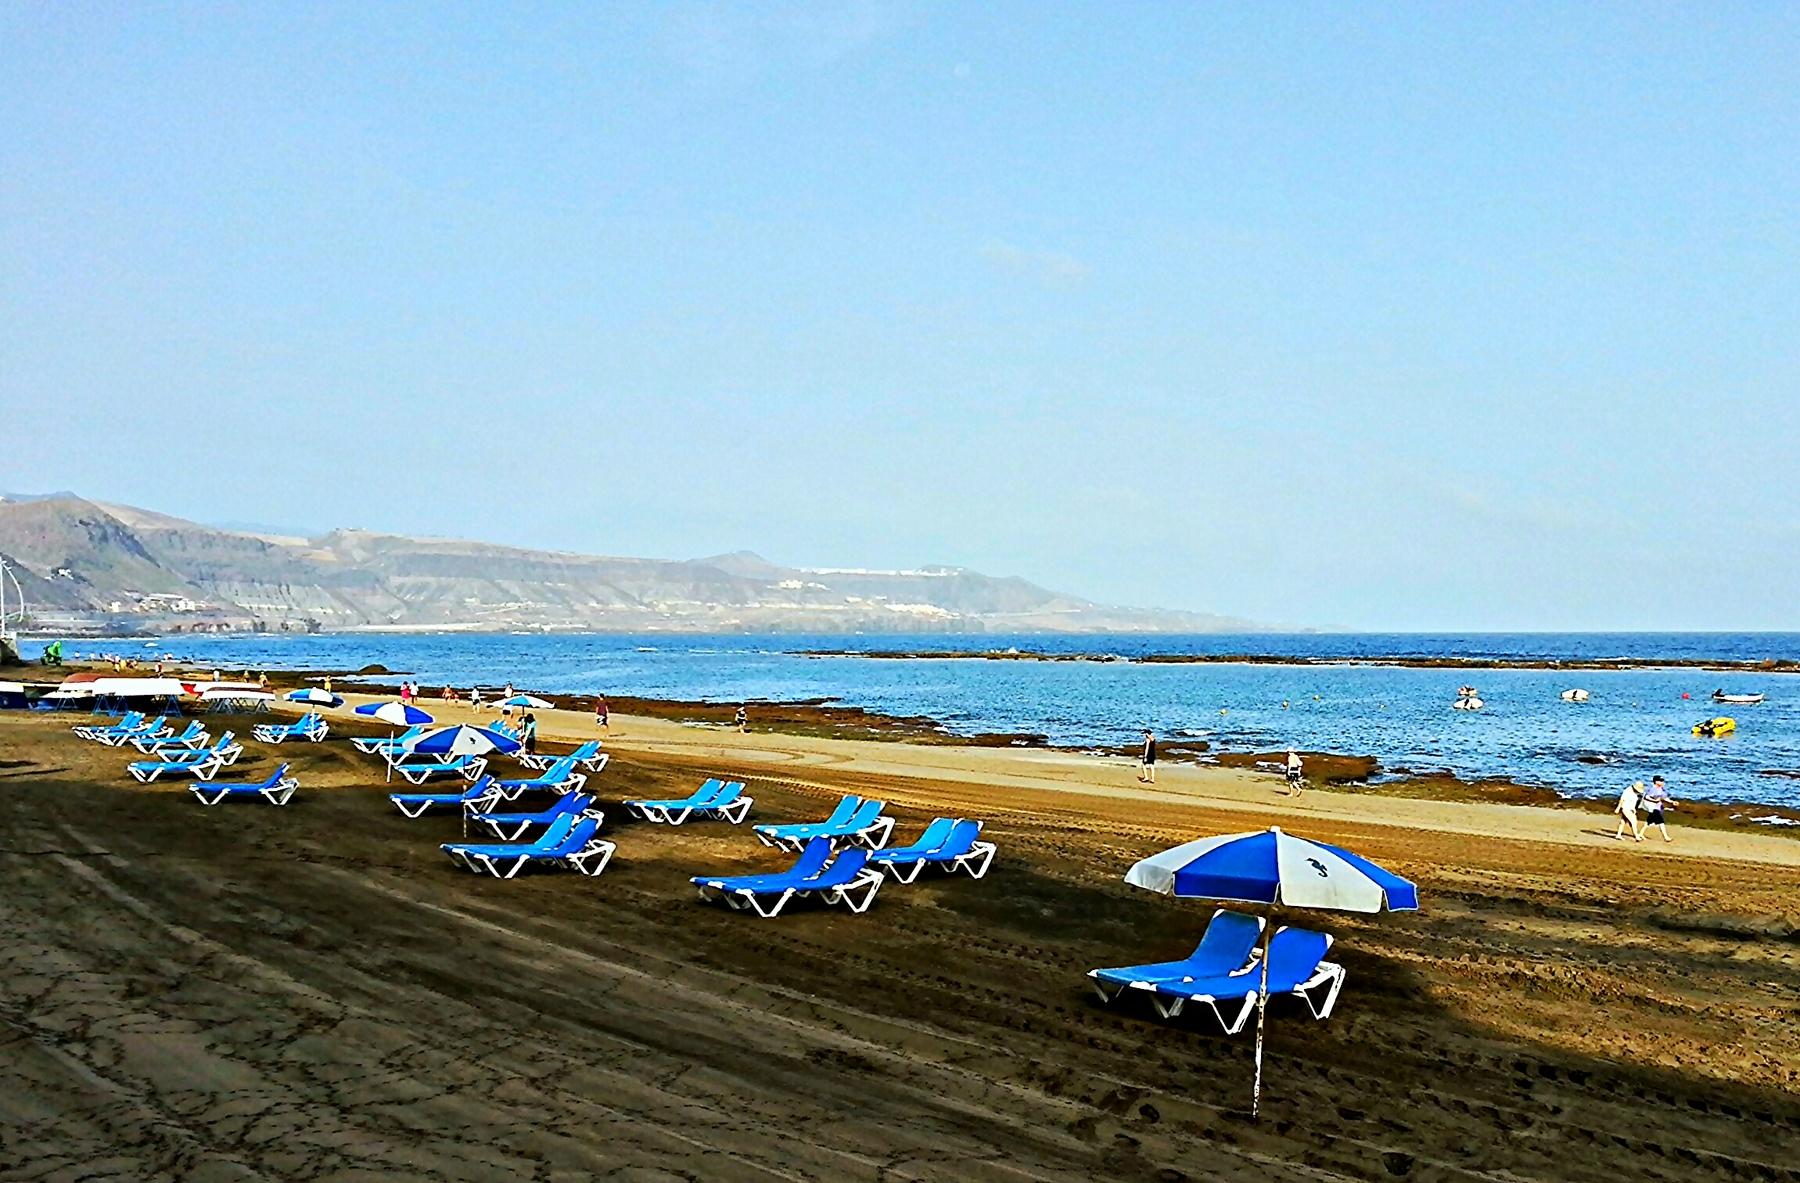 Spiagge gran Canaria: Playa de Las Canteras Gran Canaria